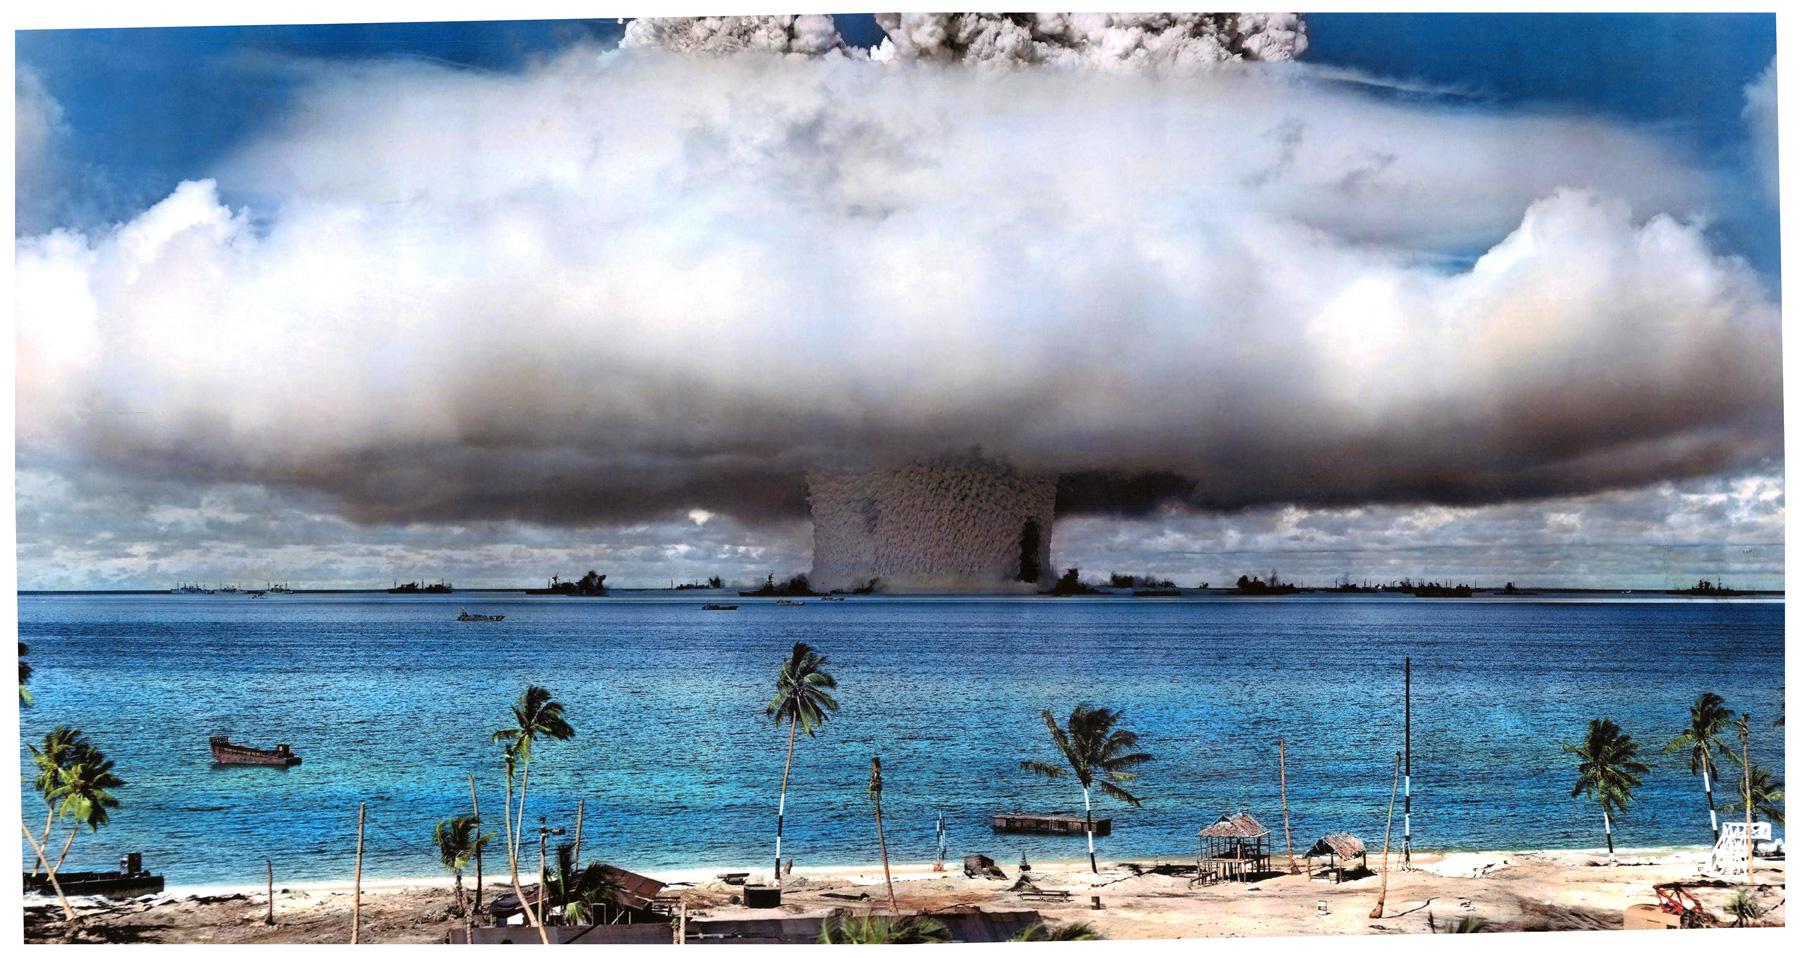 Chcieli¶cie obejrzeæ stary test bomby nuklearnej w kolorze? Teraz mo¿ecie